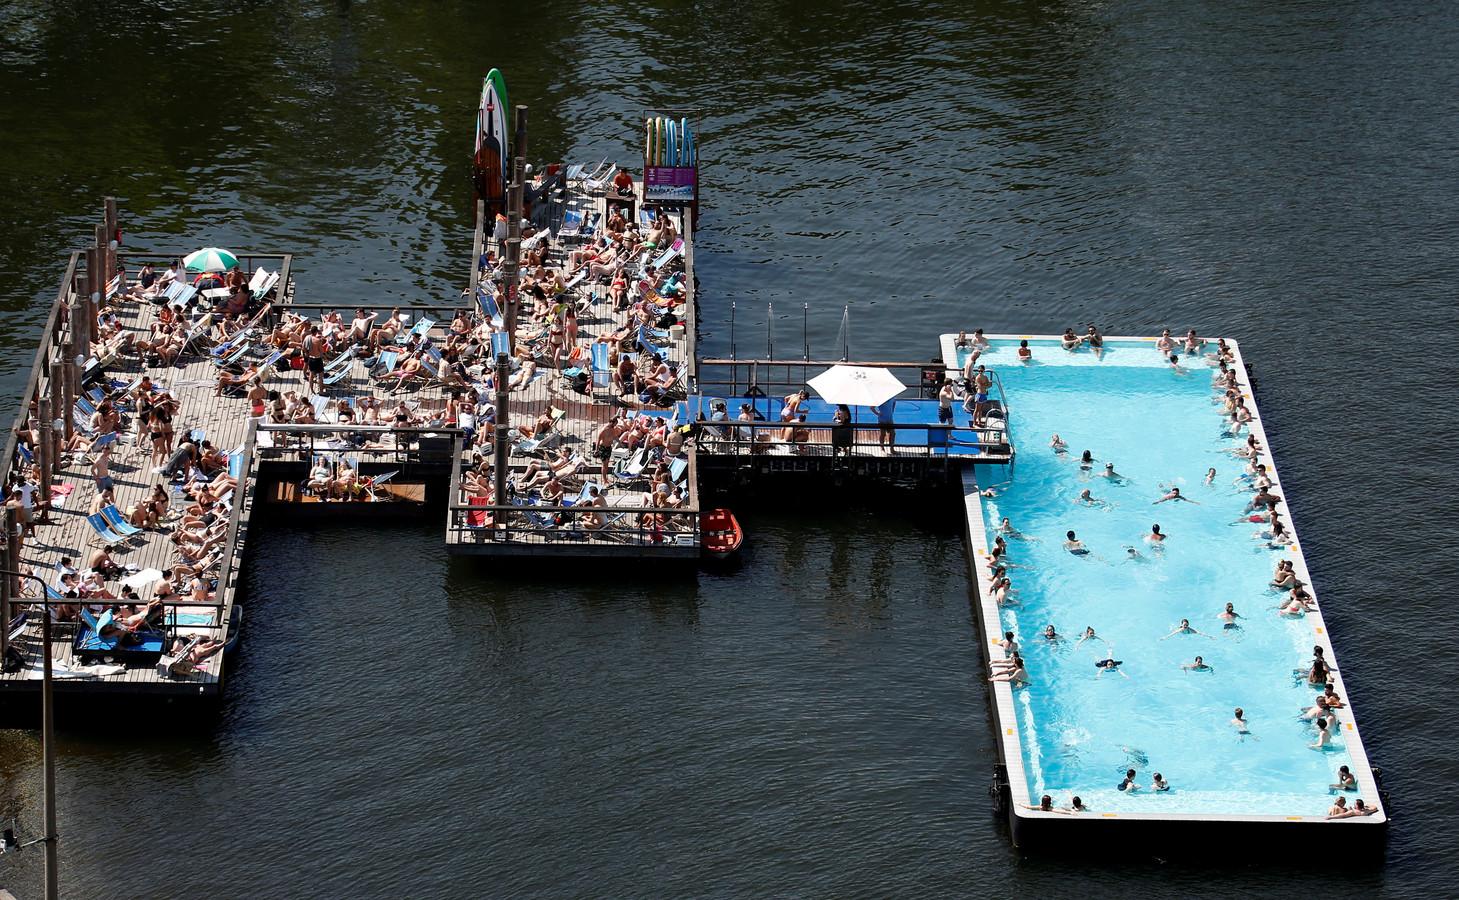 Voor inspiratie is er met name gekeken naar het drijvende zwembad Bassin de la Villette in Parijs, maar ook naar het Badeschiff in Berlijn (hier op de foto).